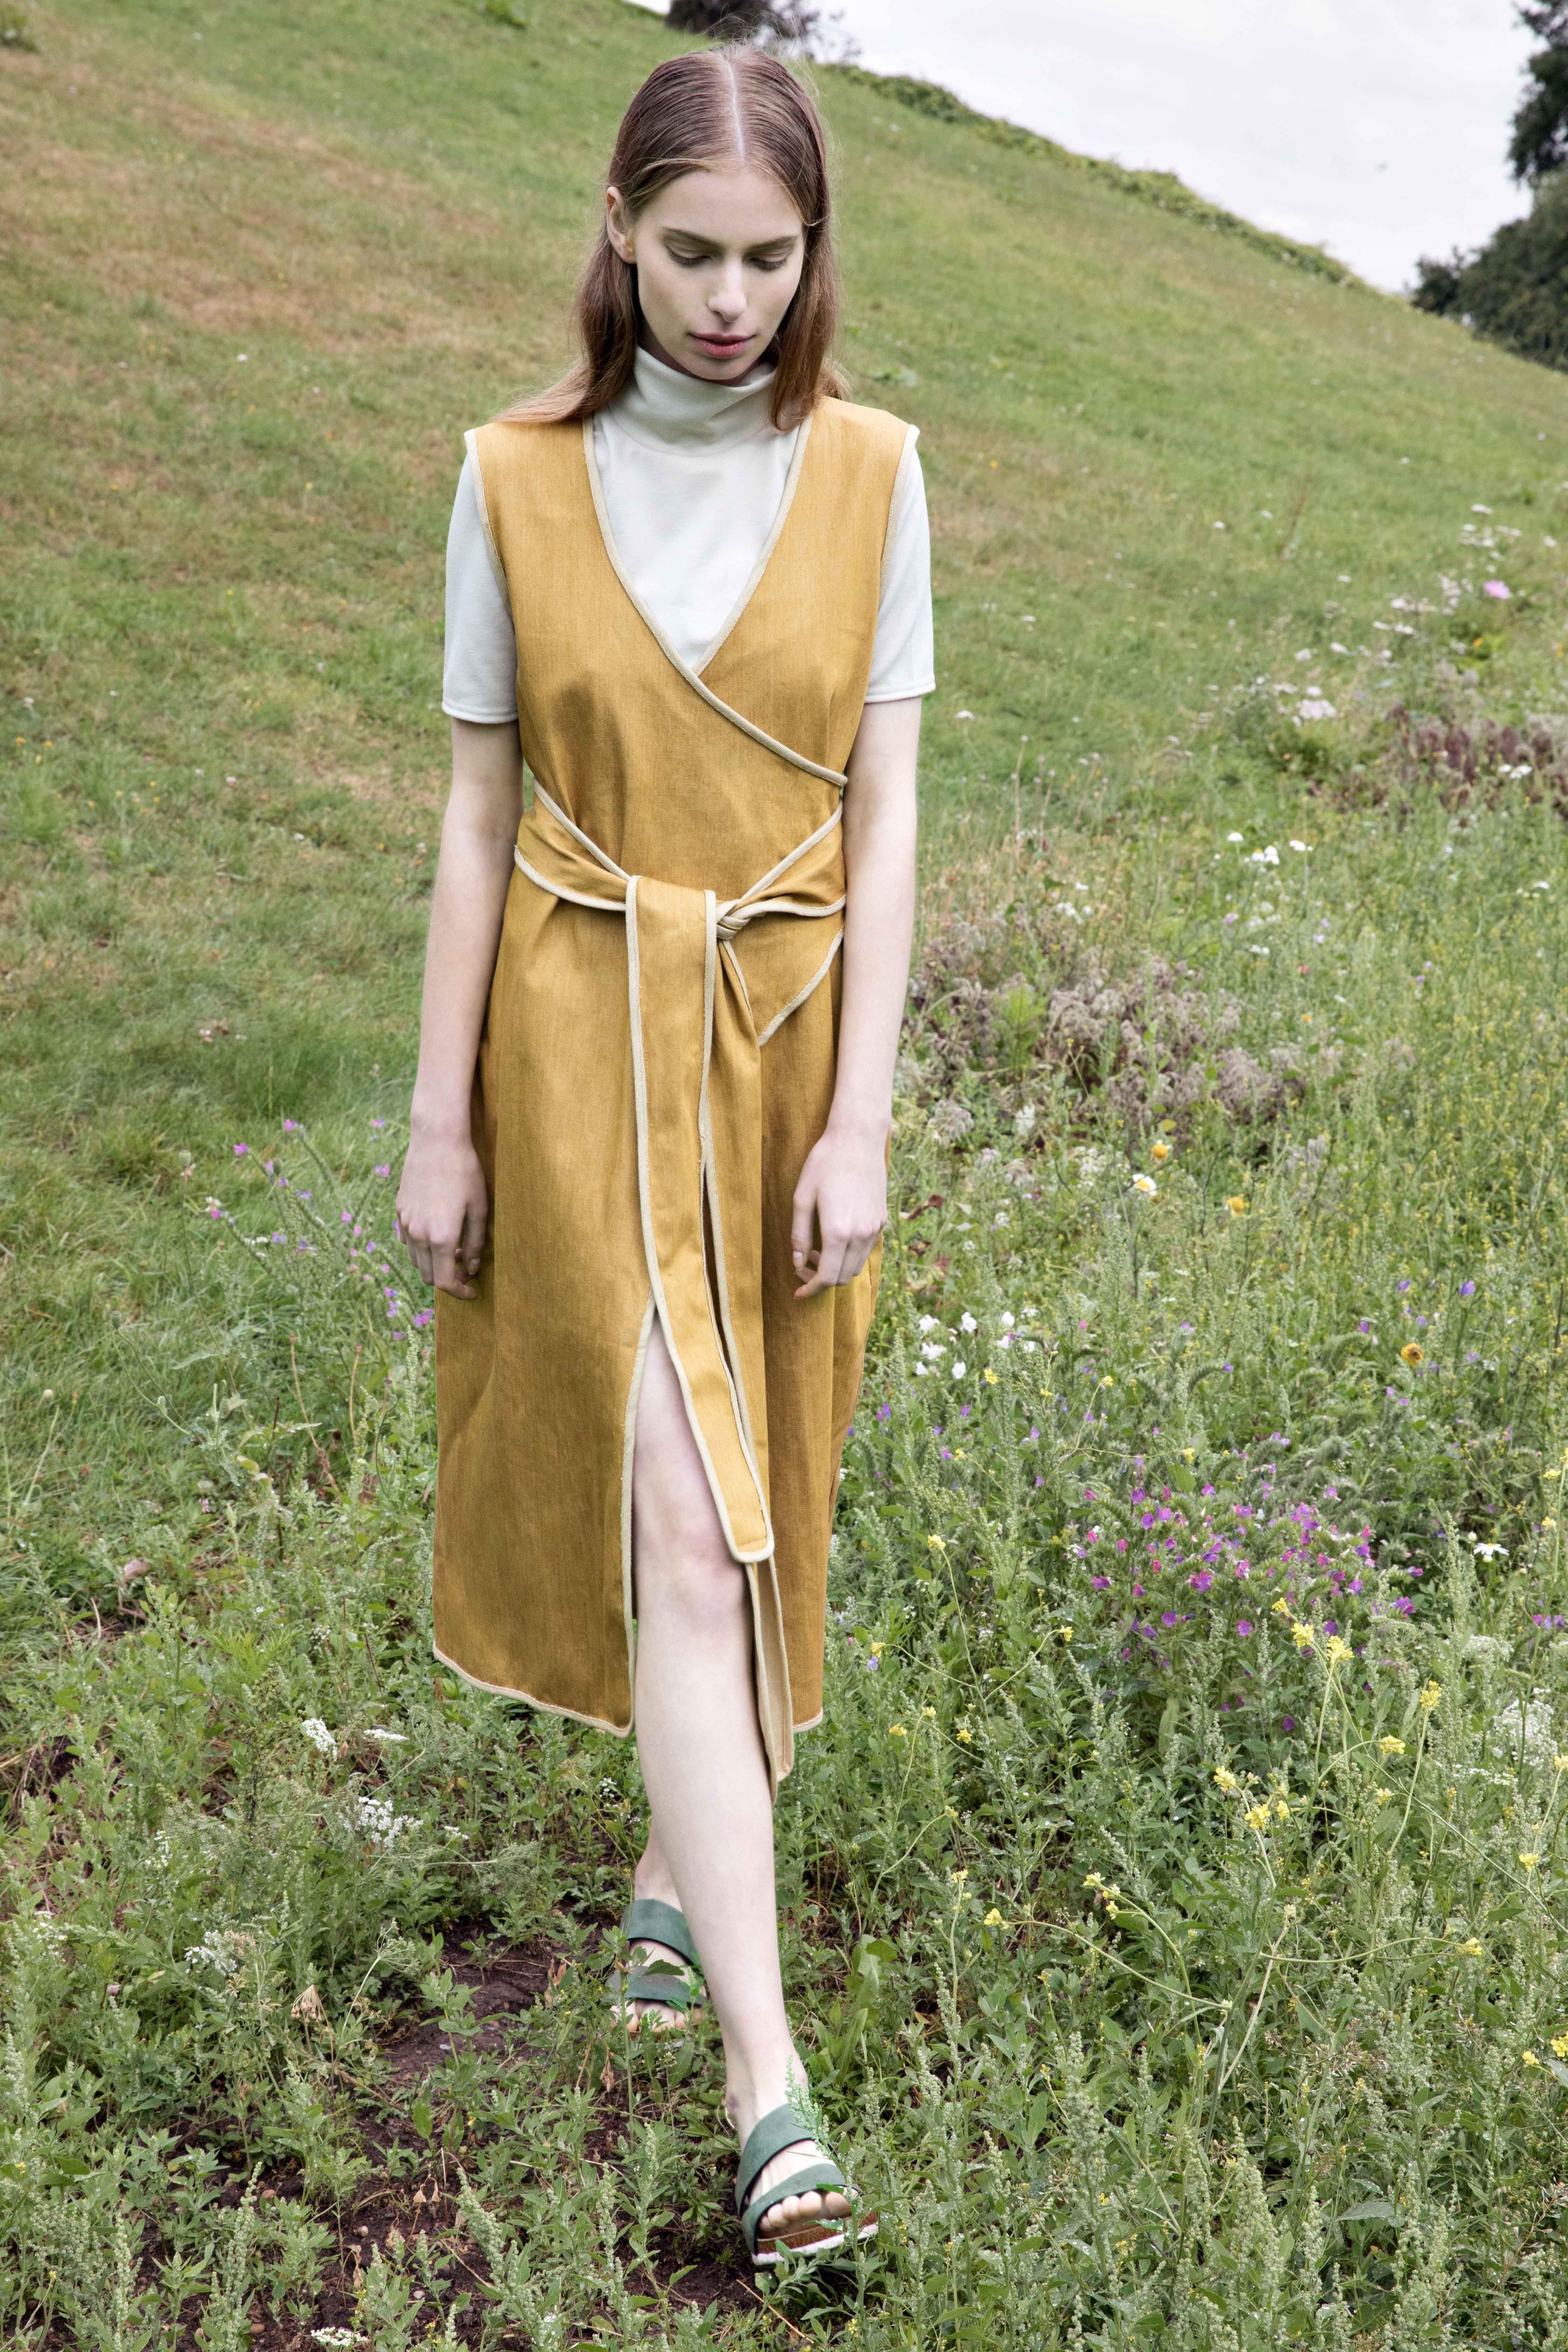 Fashion Editorial Fashion Editorial High Fashion Vogue Vogueuk Elle Patiencestudio Fashion Design Fashion Designe Fashion Slip Dress Dresses